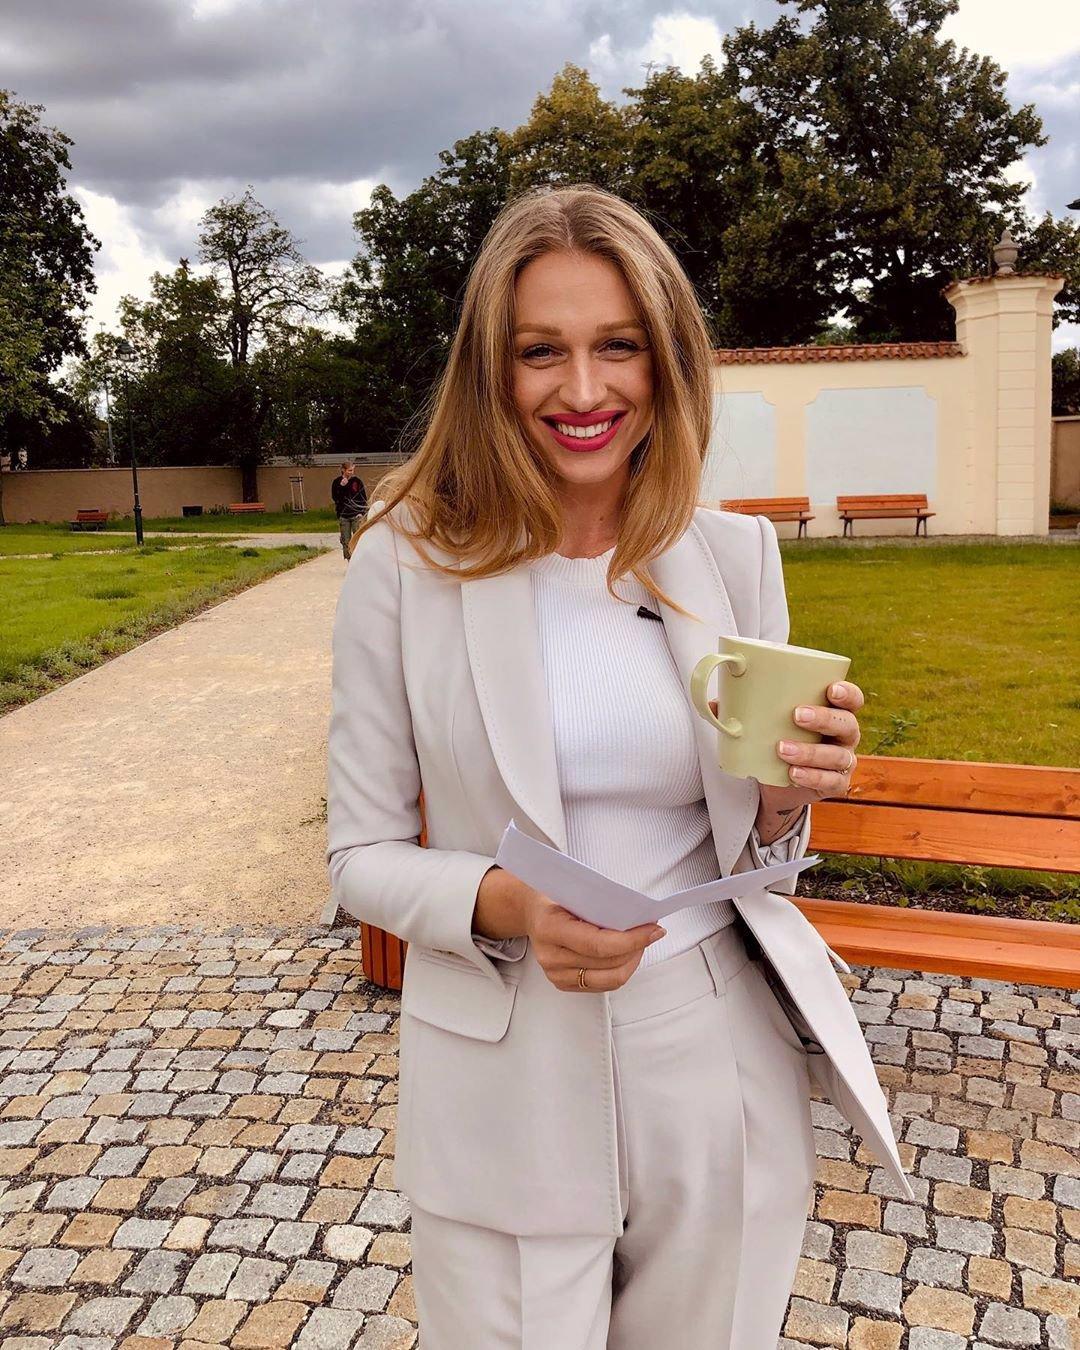 Modelka z děcáku Veronika Kašáková: Od snoubence utekla, nyní oznámila těhotenství